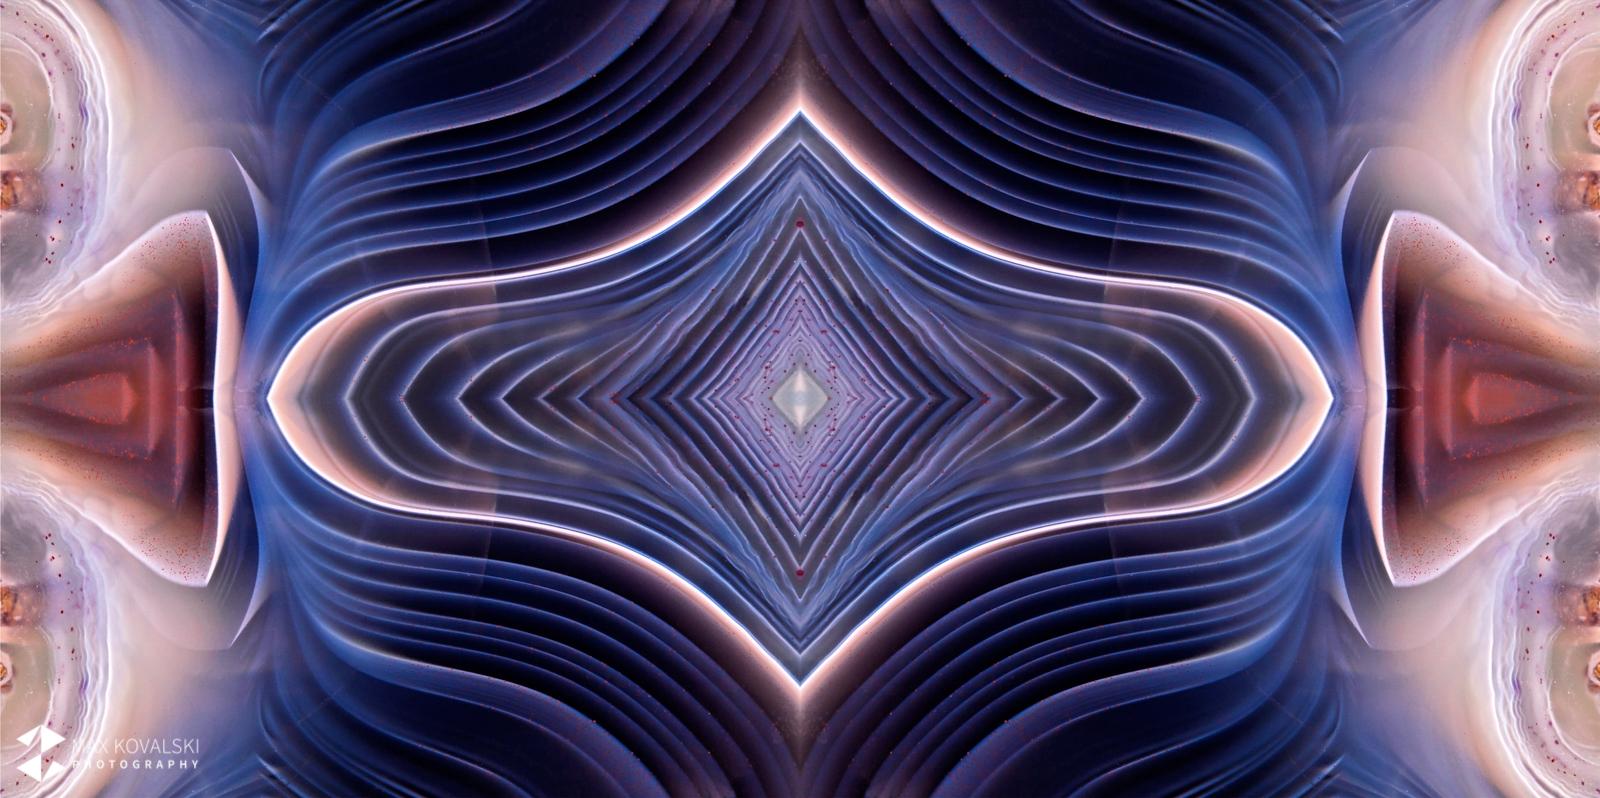 תמונת תקריב ראי של אגת בוטסוואנה בגוונים כהים עם סגול. צילום ועריכה: מקס קובלסקי Photo by Max Kovalski www.maxkov.com